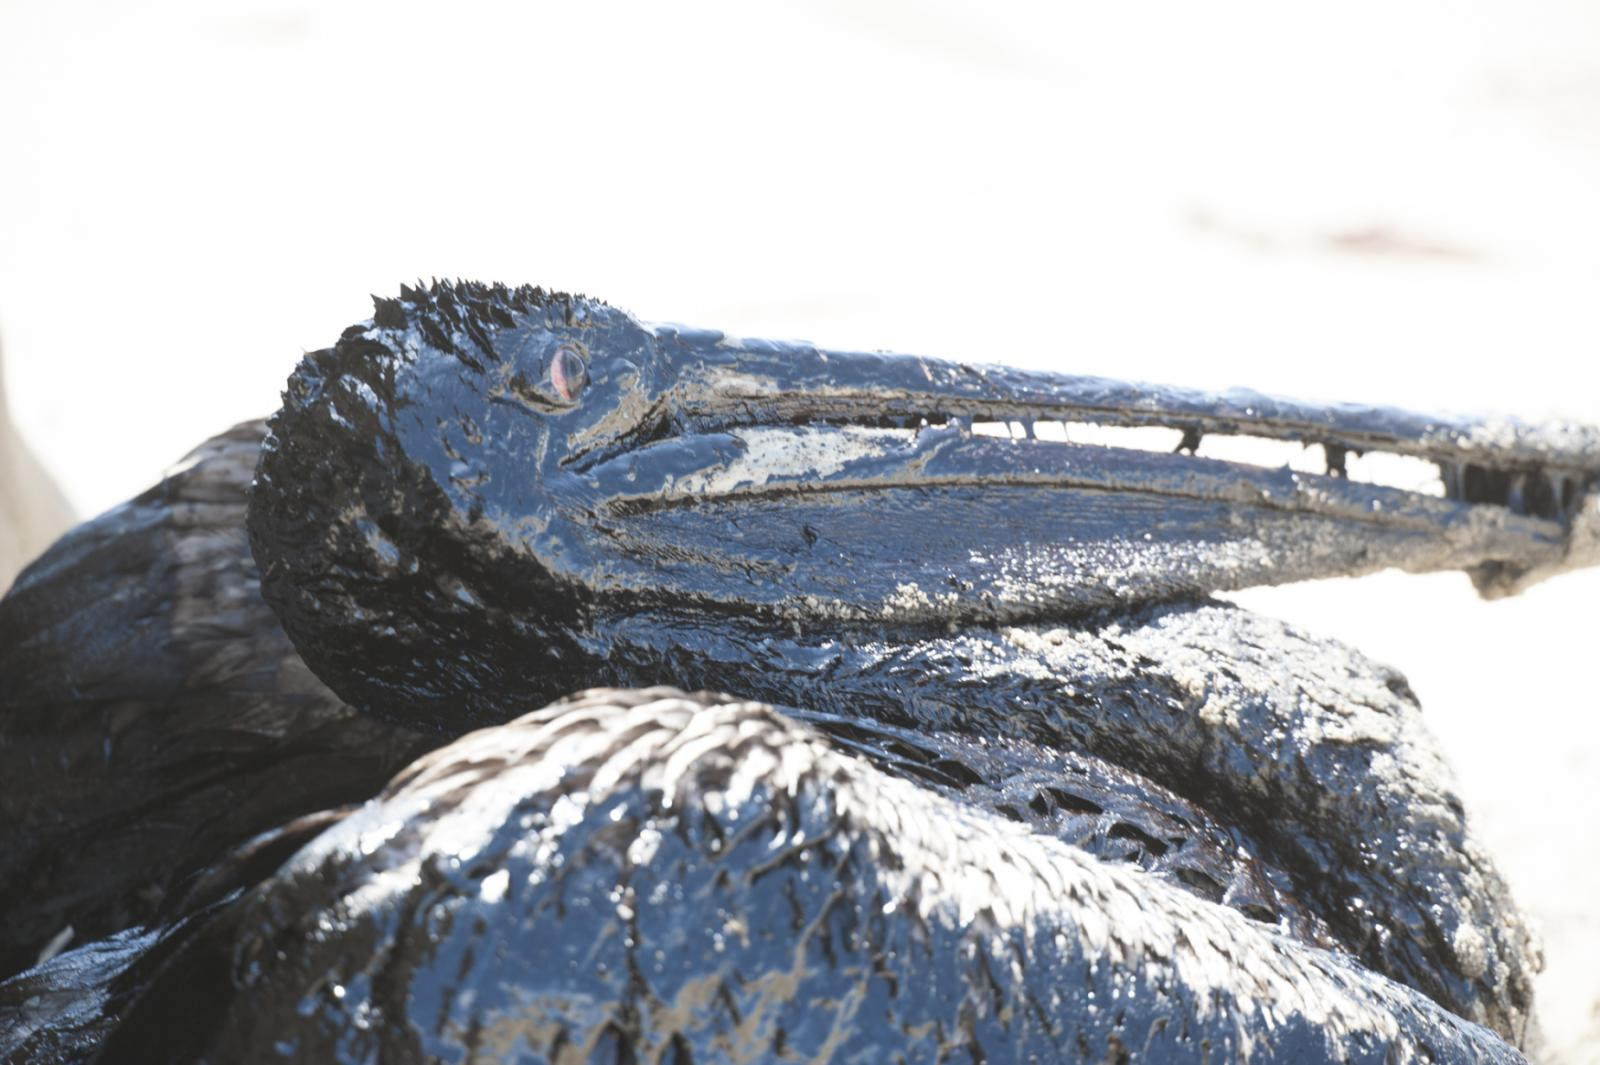 Pták zasažený ropou